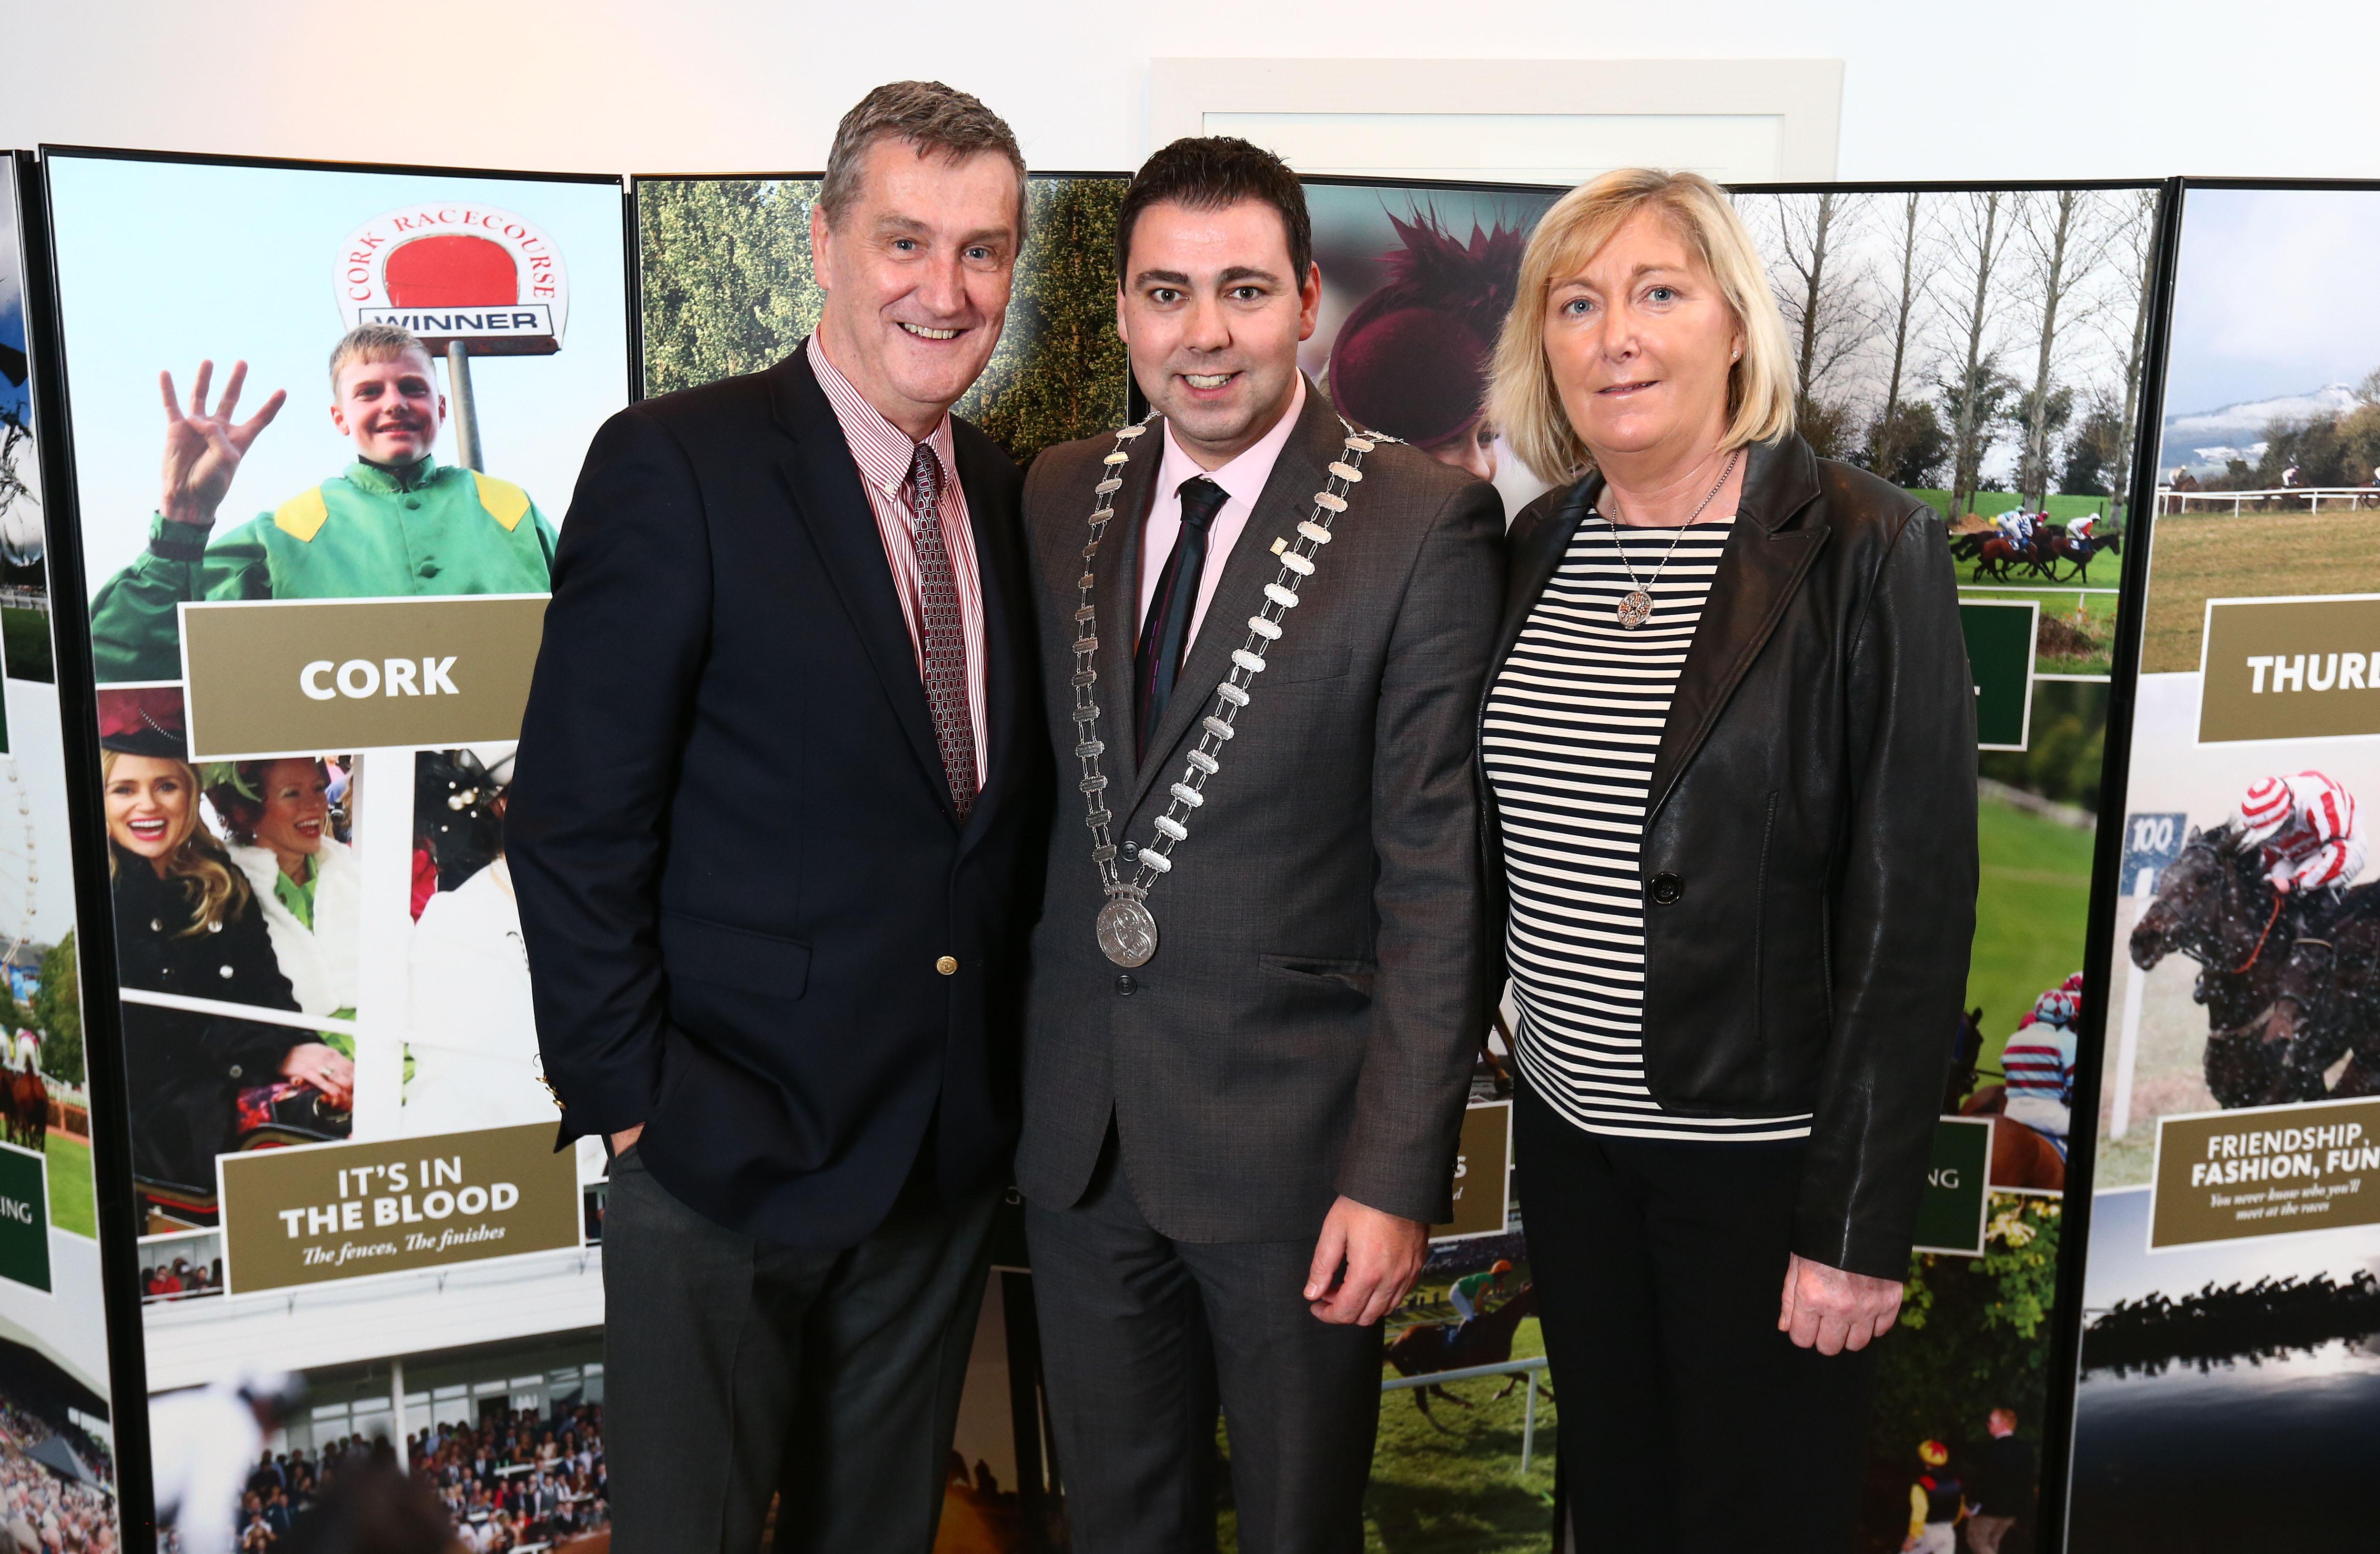 (left/right) Leo Powell, Mayor of Cork John Paul O'Shea, and Mary Kelly